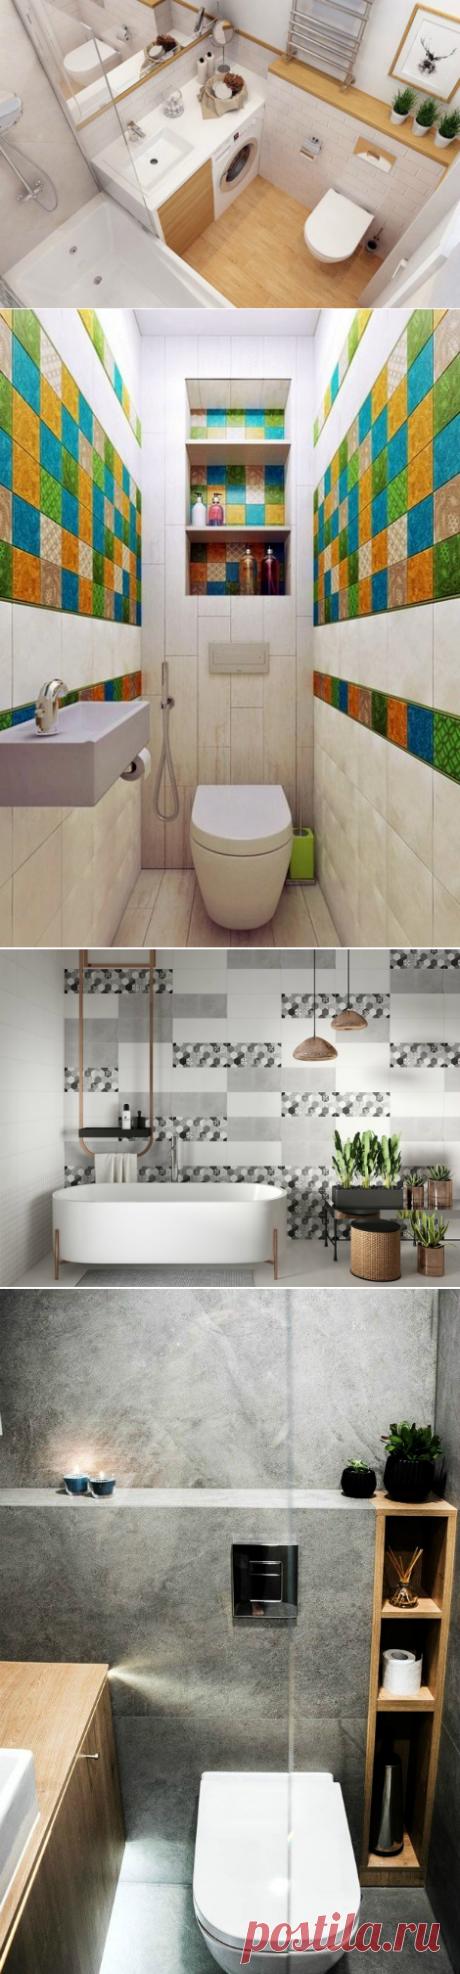 11 маленьких хитростей для обустройства маленькой ванны в «хрущевке»